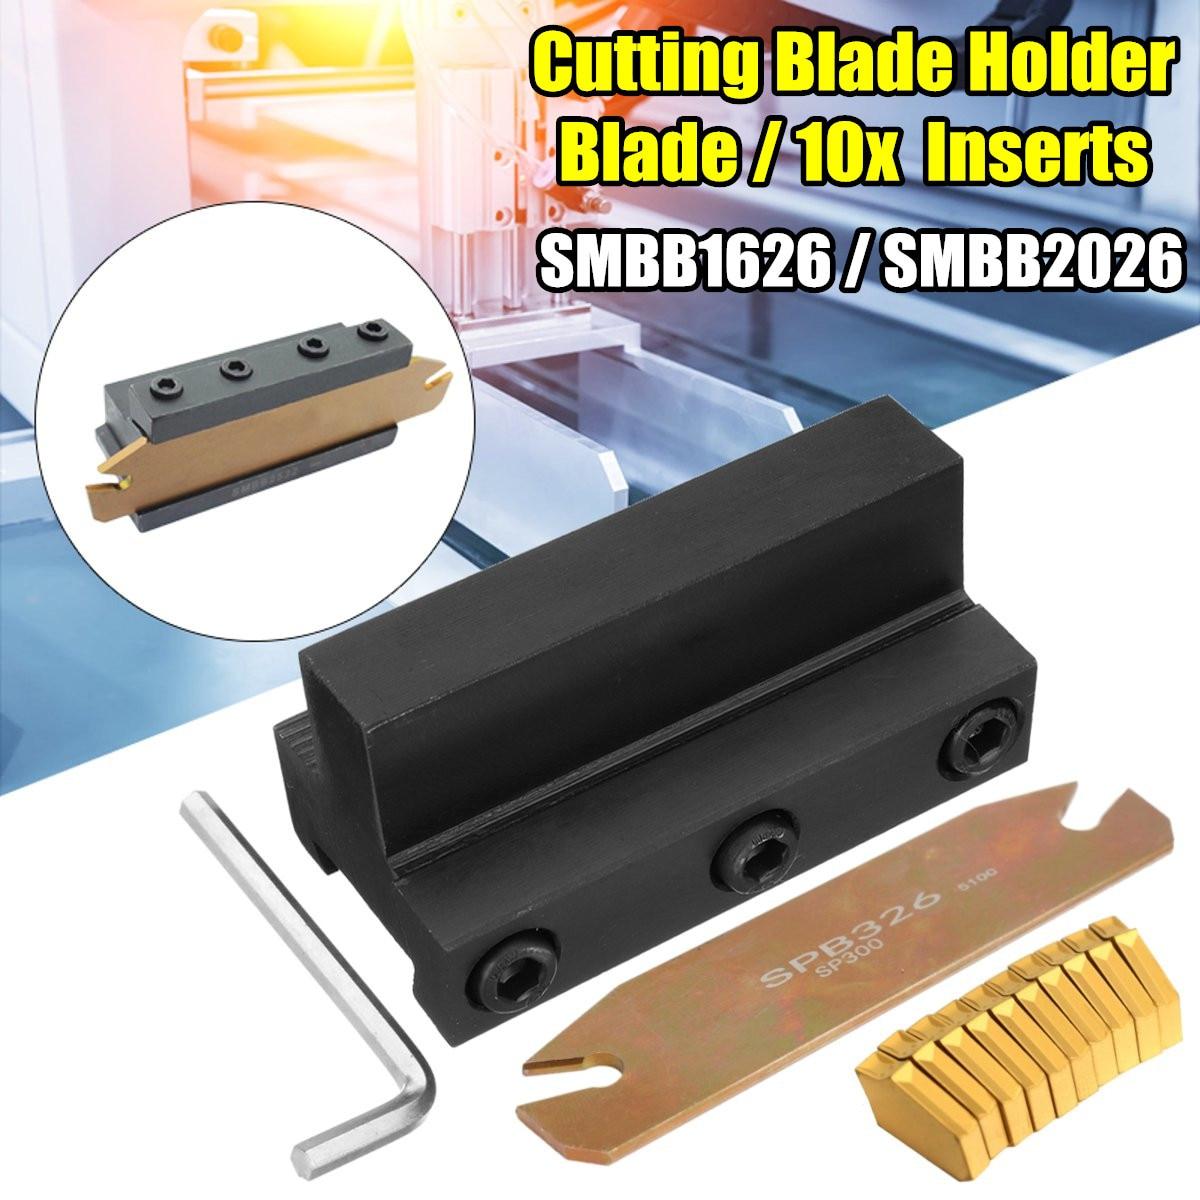 10pcs SP400 NC3020 GTN-4 Grooving Cut-Off Carbide Inserts 4mm Width ZQMX4N11-1E